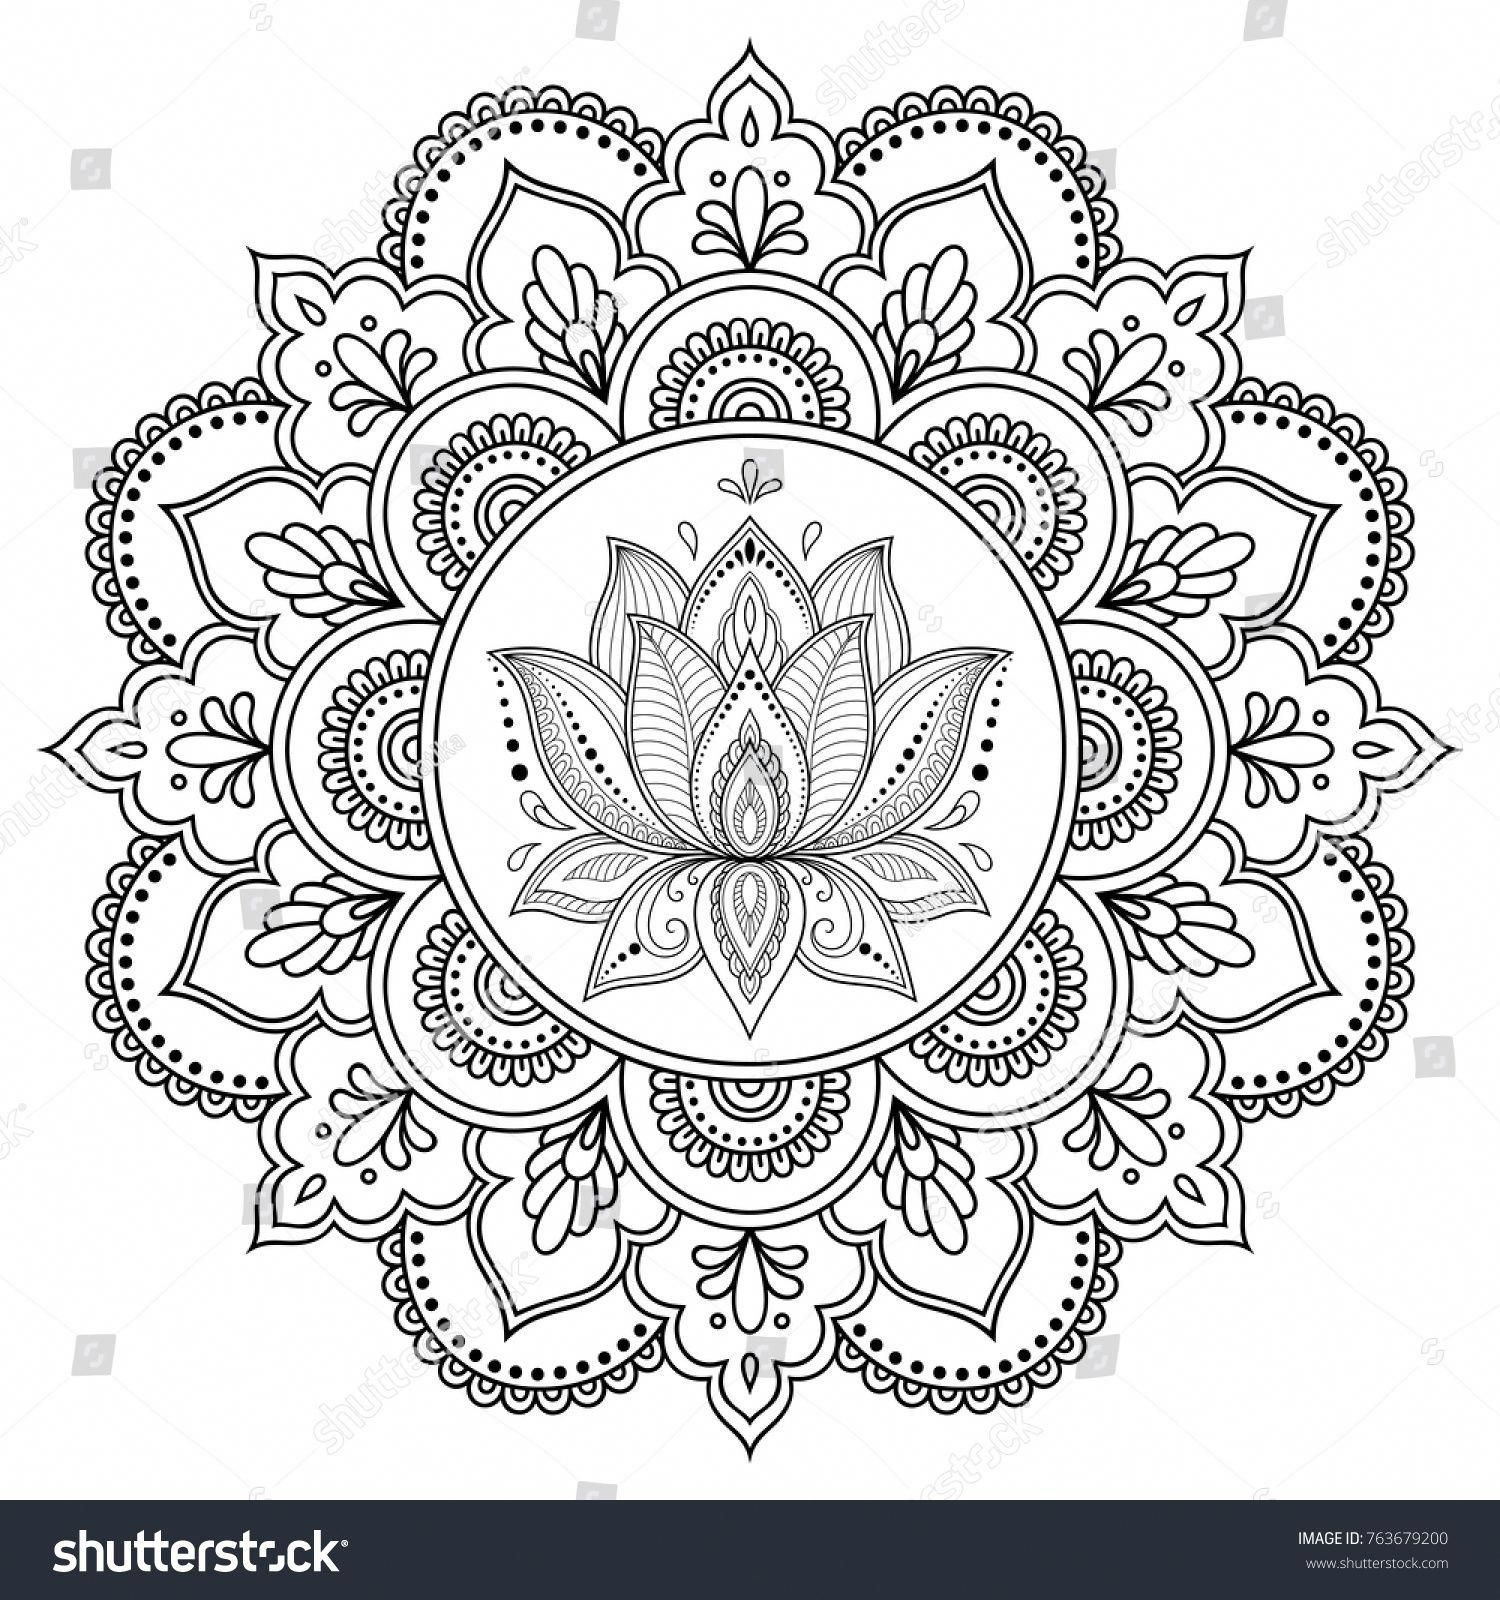 Mandala Tattoo Mandalatattoo Raskraski Mandala Raskraski Mandala V Vide Cvetka